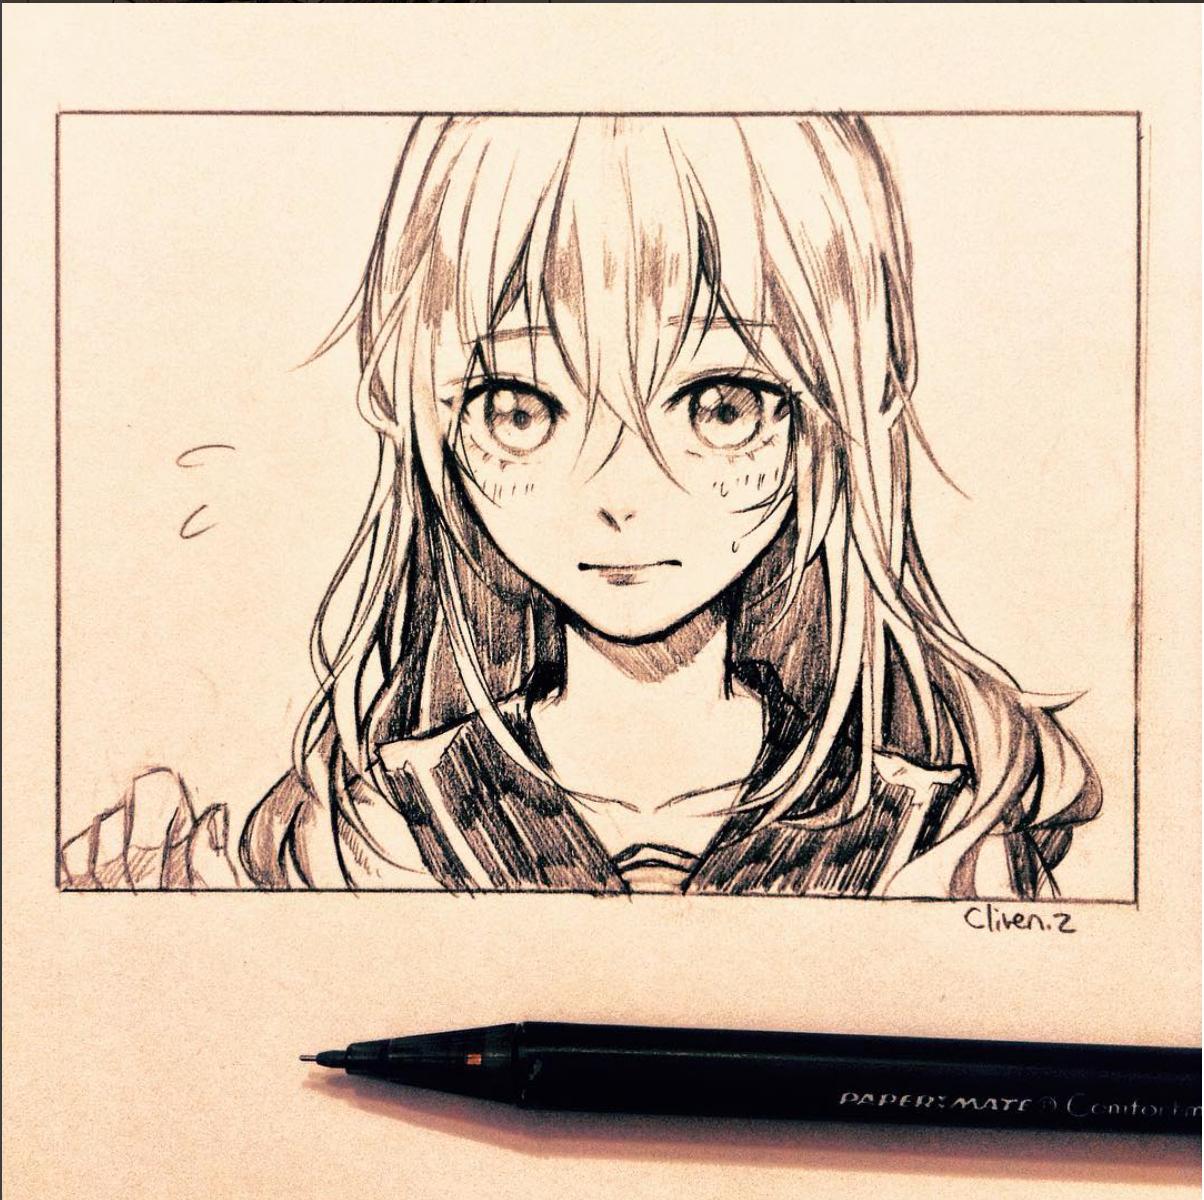 Instagram cliven z les dessins comme dans les - Dessin manga image ...